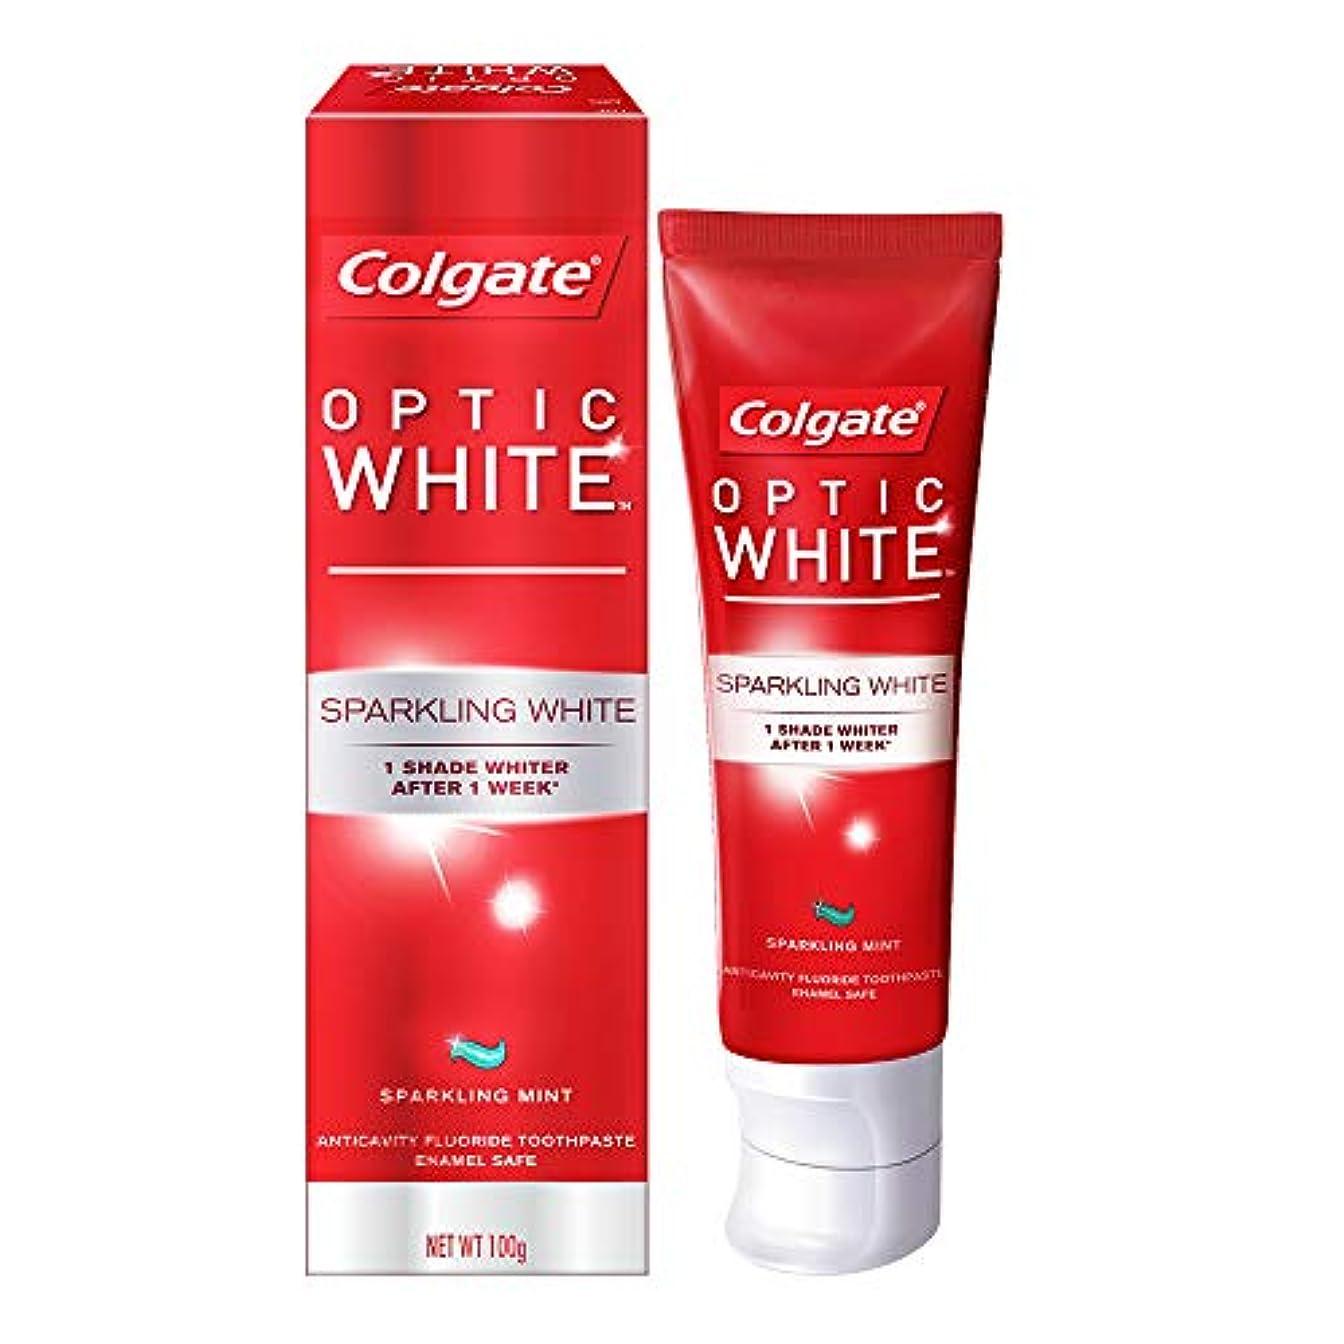 毎回賞賛するコンパイルコールゲート オプティック ホワイト スパークリングシャイン 100g 歯磨き粉 Colgate Optic White Sparkling Shine 100g Tooth Paste